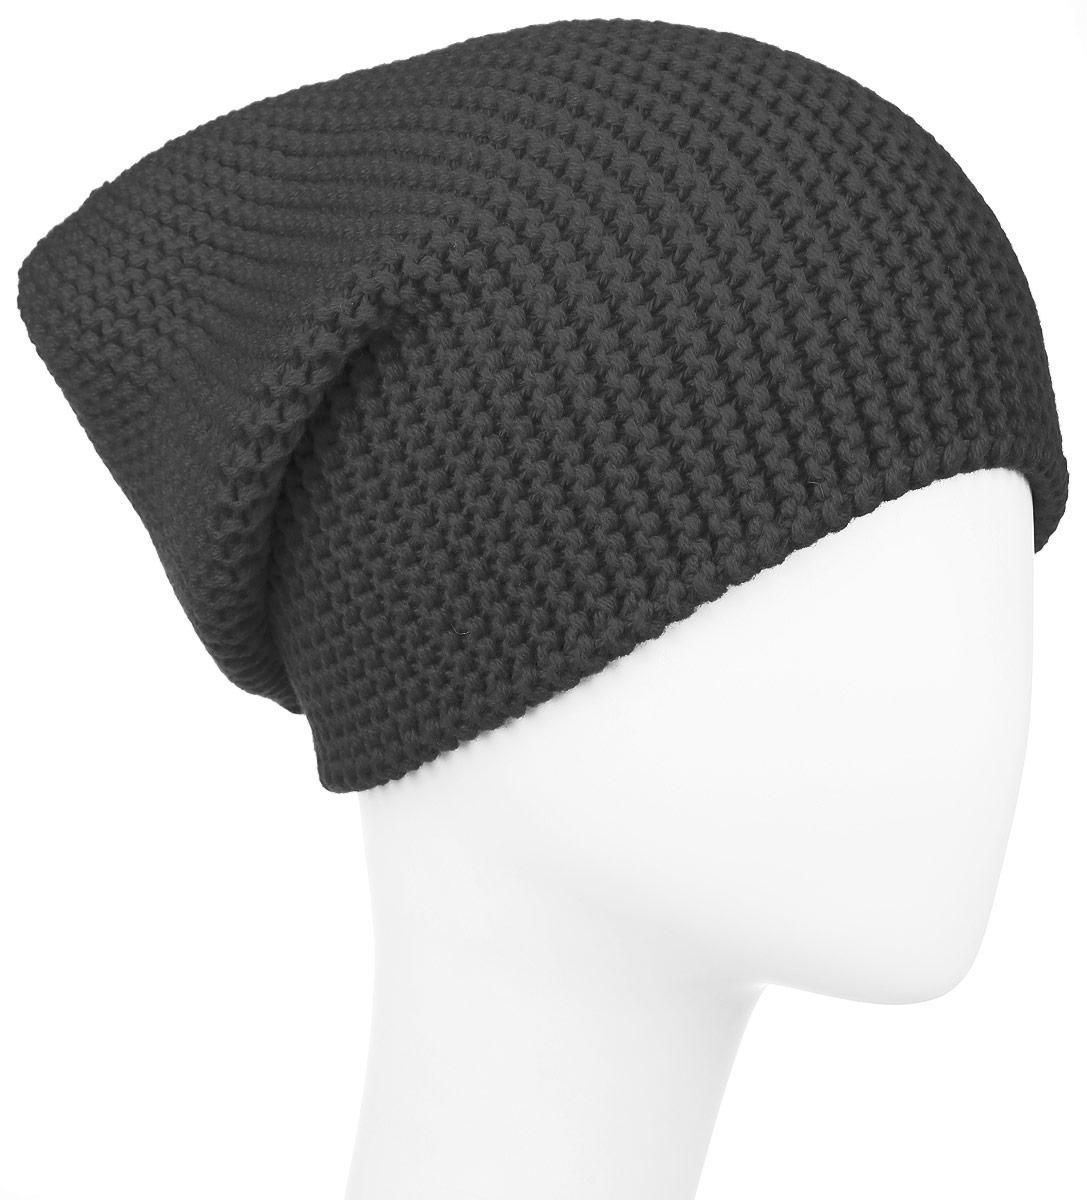 ШапкаW16-21114_202Мужская шапка Finn Flare, выполненная из шерсти и акрила, отлично дополнит ваш образ в холодную погоду. Вязаная модель декорирована фирменной металлической нашивкой. Шапка составит идеальный комплект с модной верхней одеждой и подарит вам уют и тепло. Уважаемые клиенты! Размер, доступный для заказа, является обхватом головы.